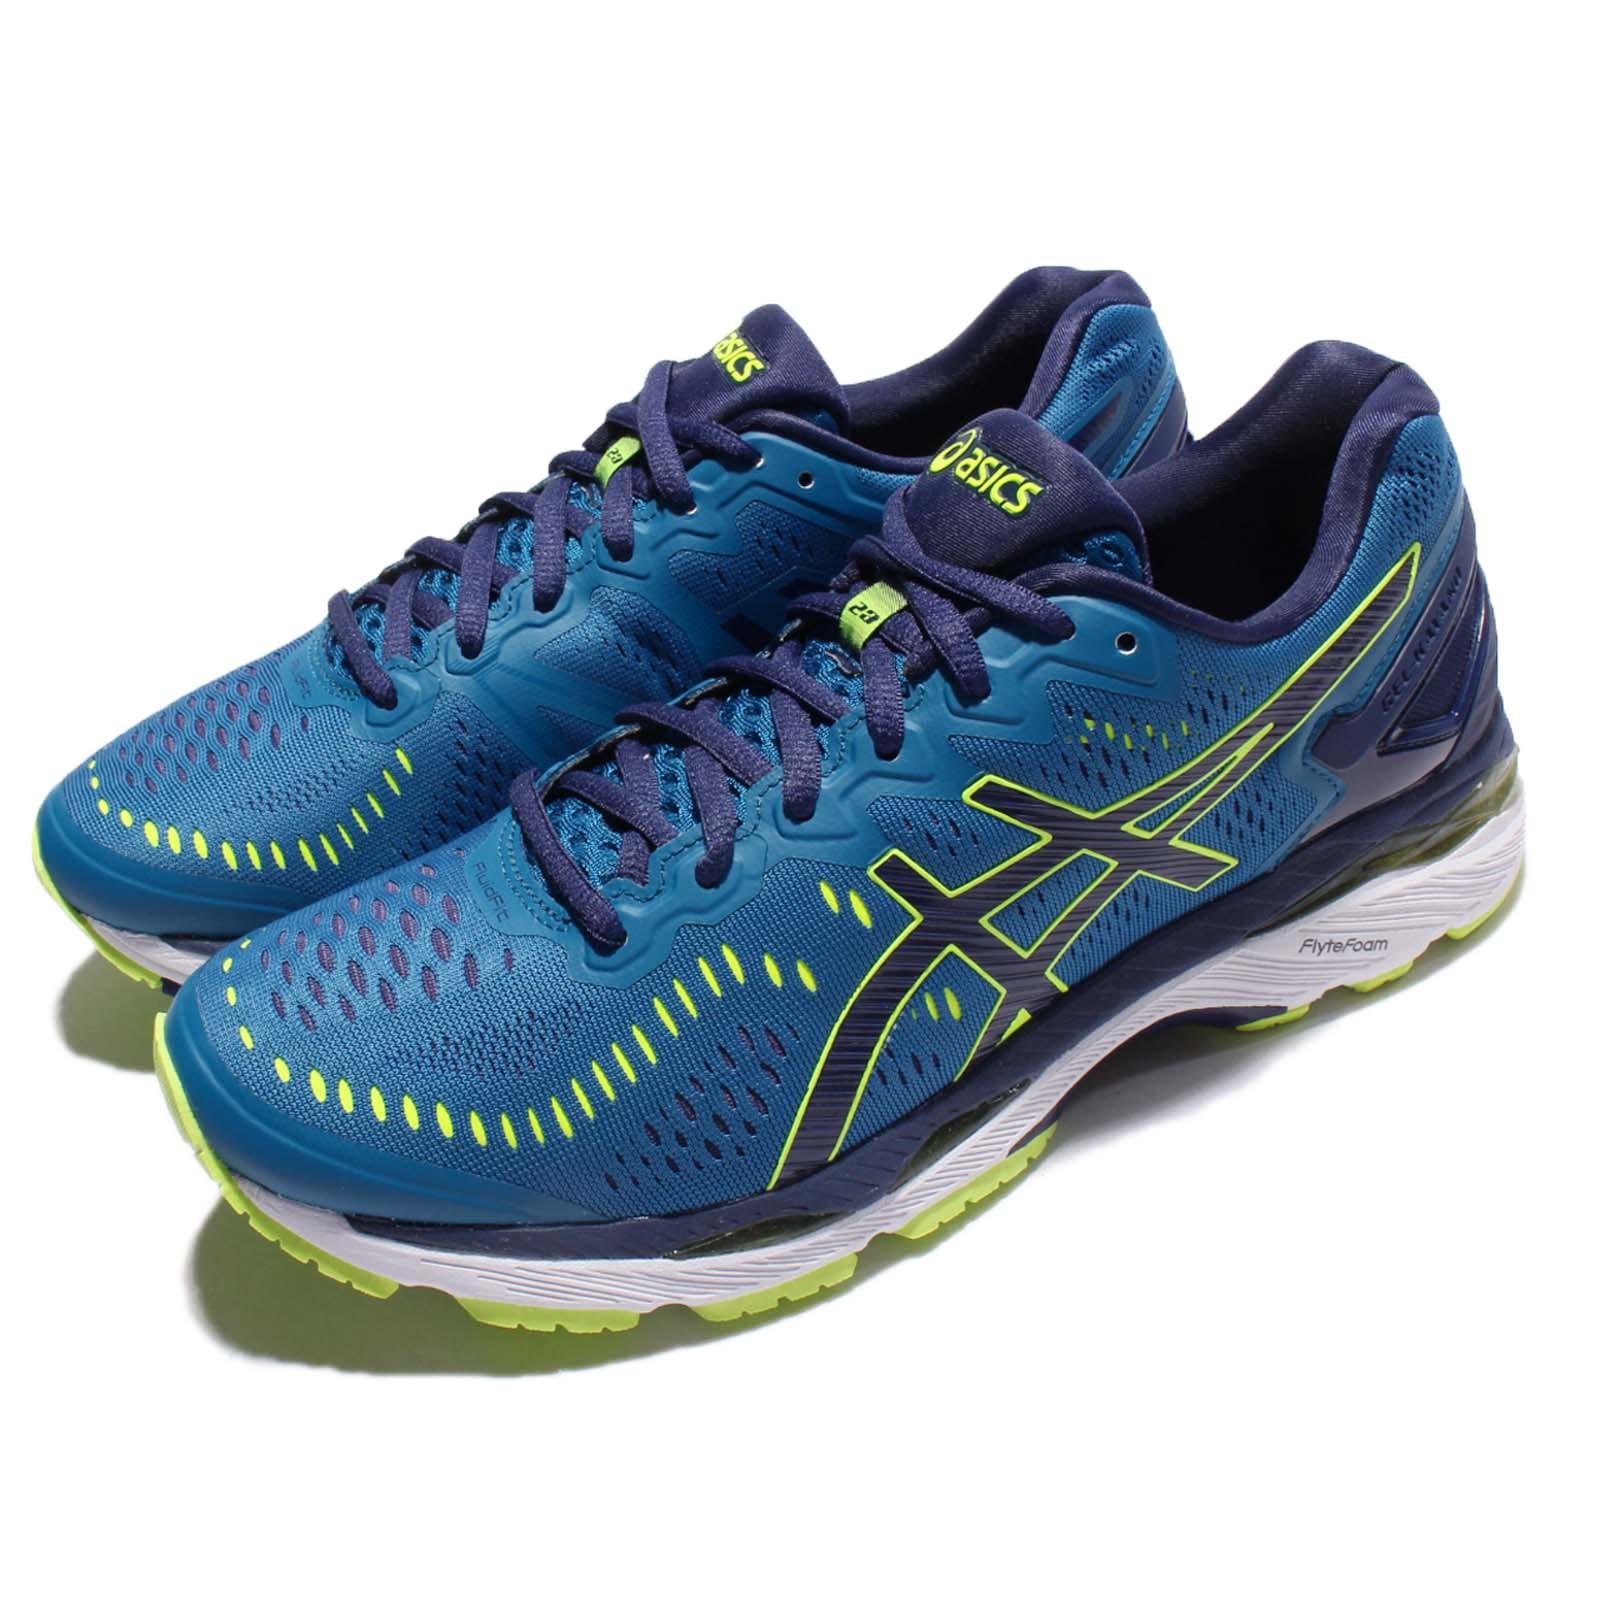 Asics 慢跑鞋 Gel-Kayano 23 男鞋 T646N4907